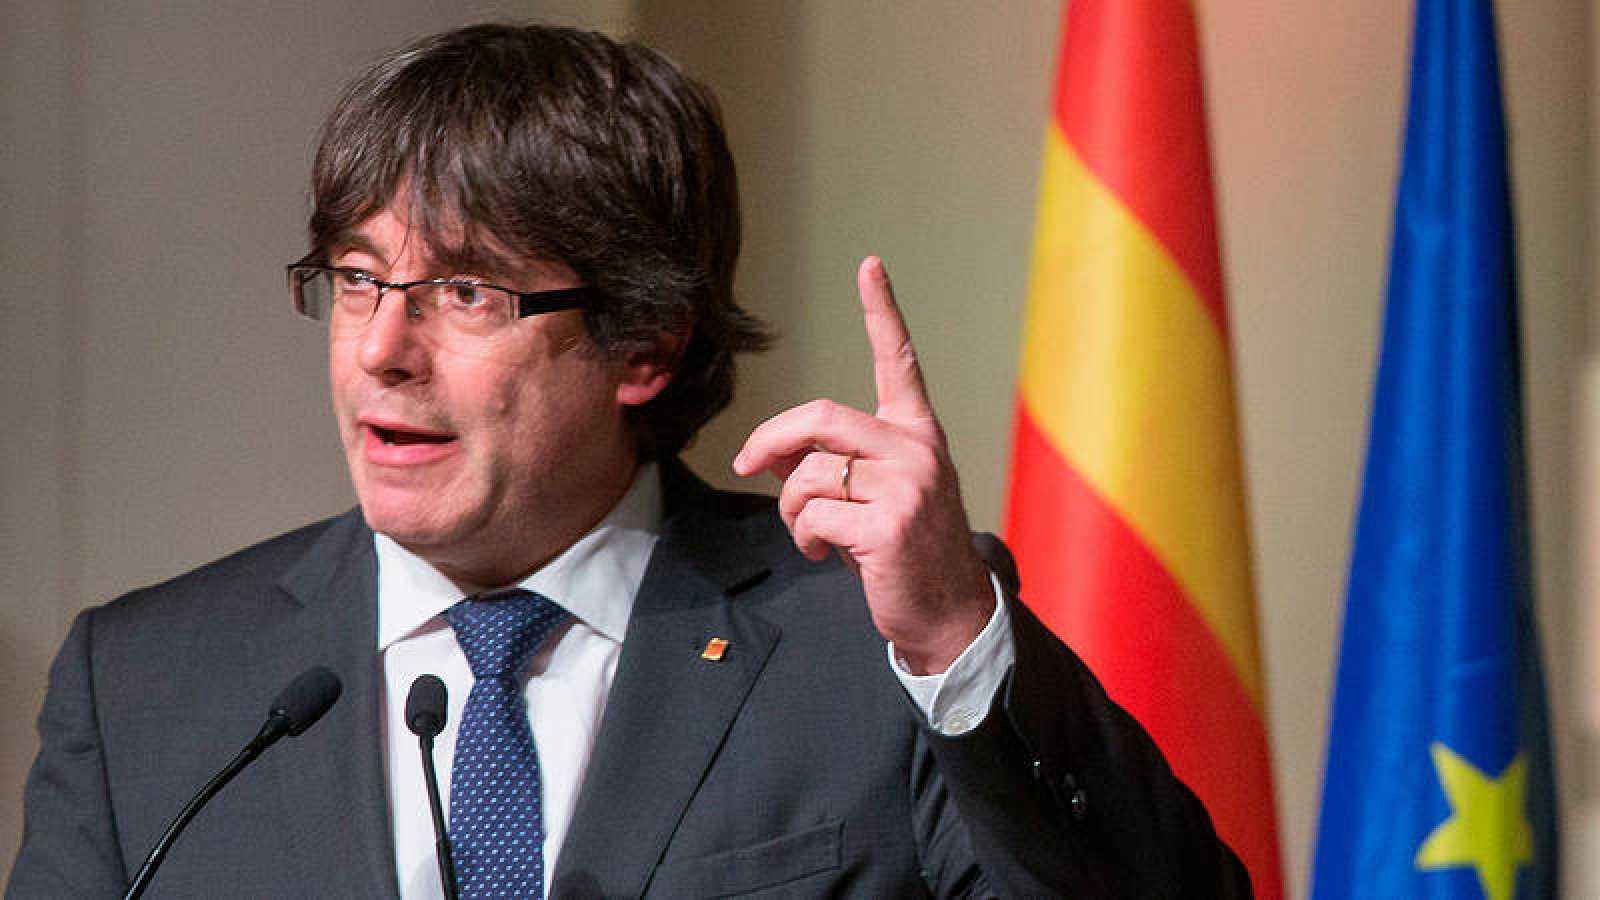 Carles Puigdemont, en el acto que organizaron en Bruselas dos centenares de alcaldes catalanes independentistas